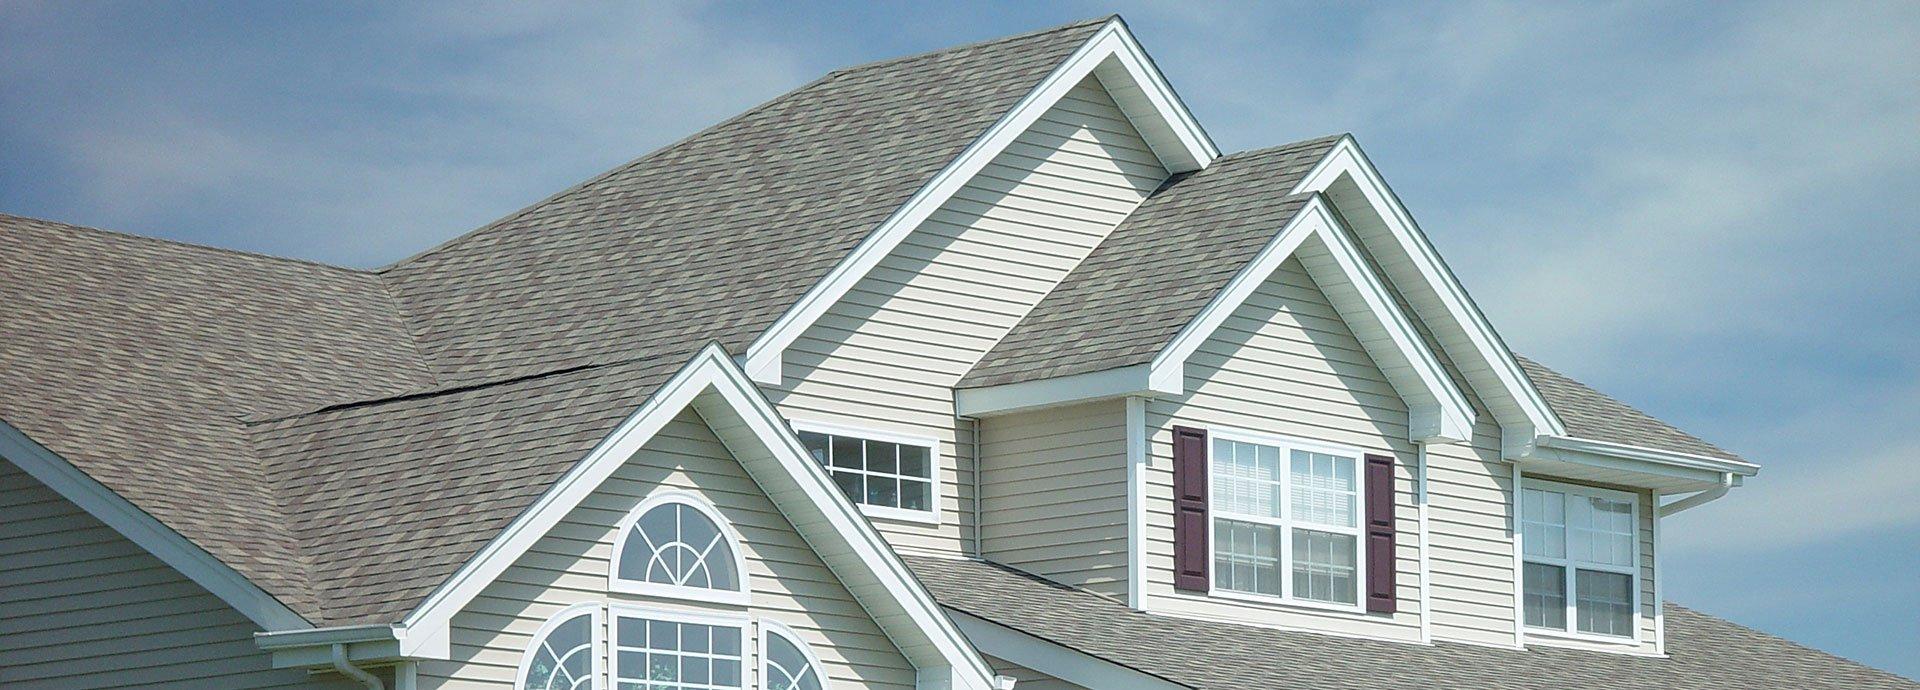 roofing slider image